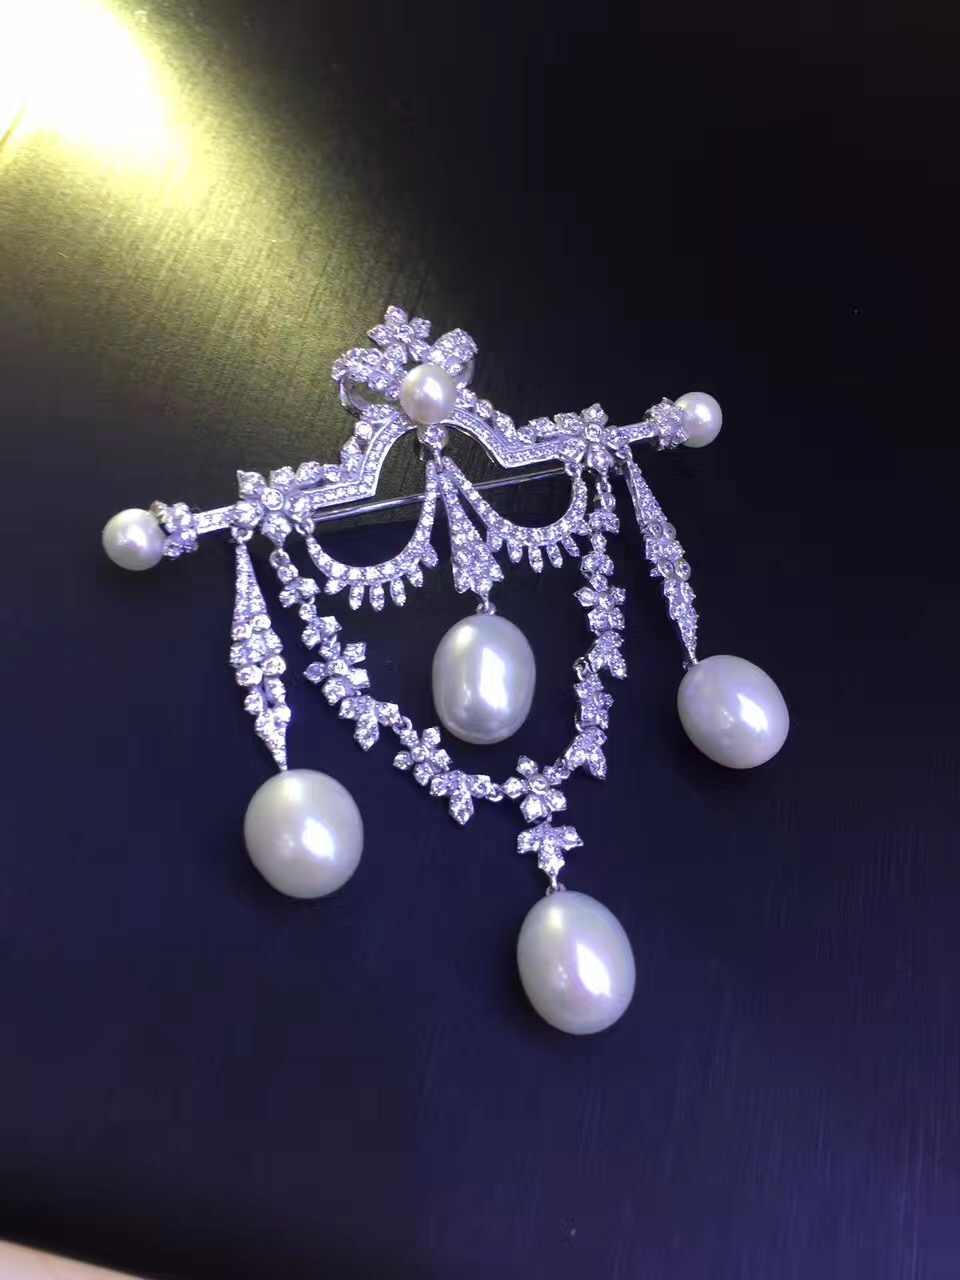 Air tawar alami mutiara bros pins 925 sterling silver dengan zirkon kubik antik victoria air mata bentuk drop pengiriman gratis